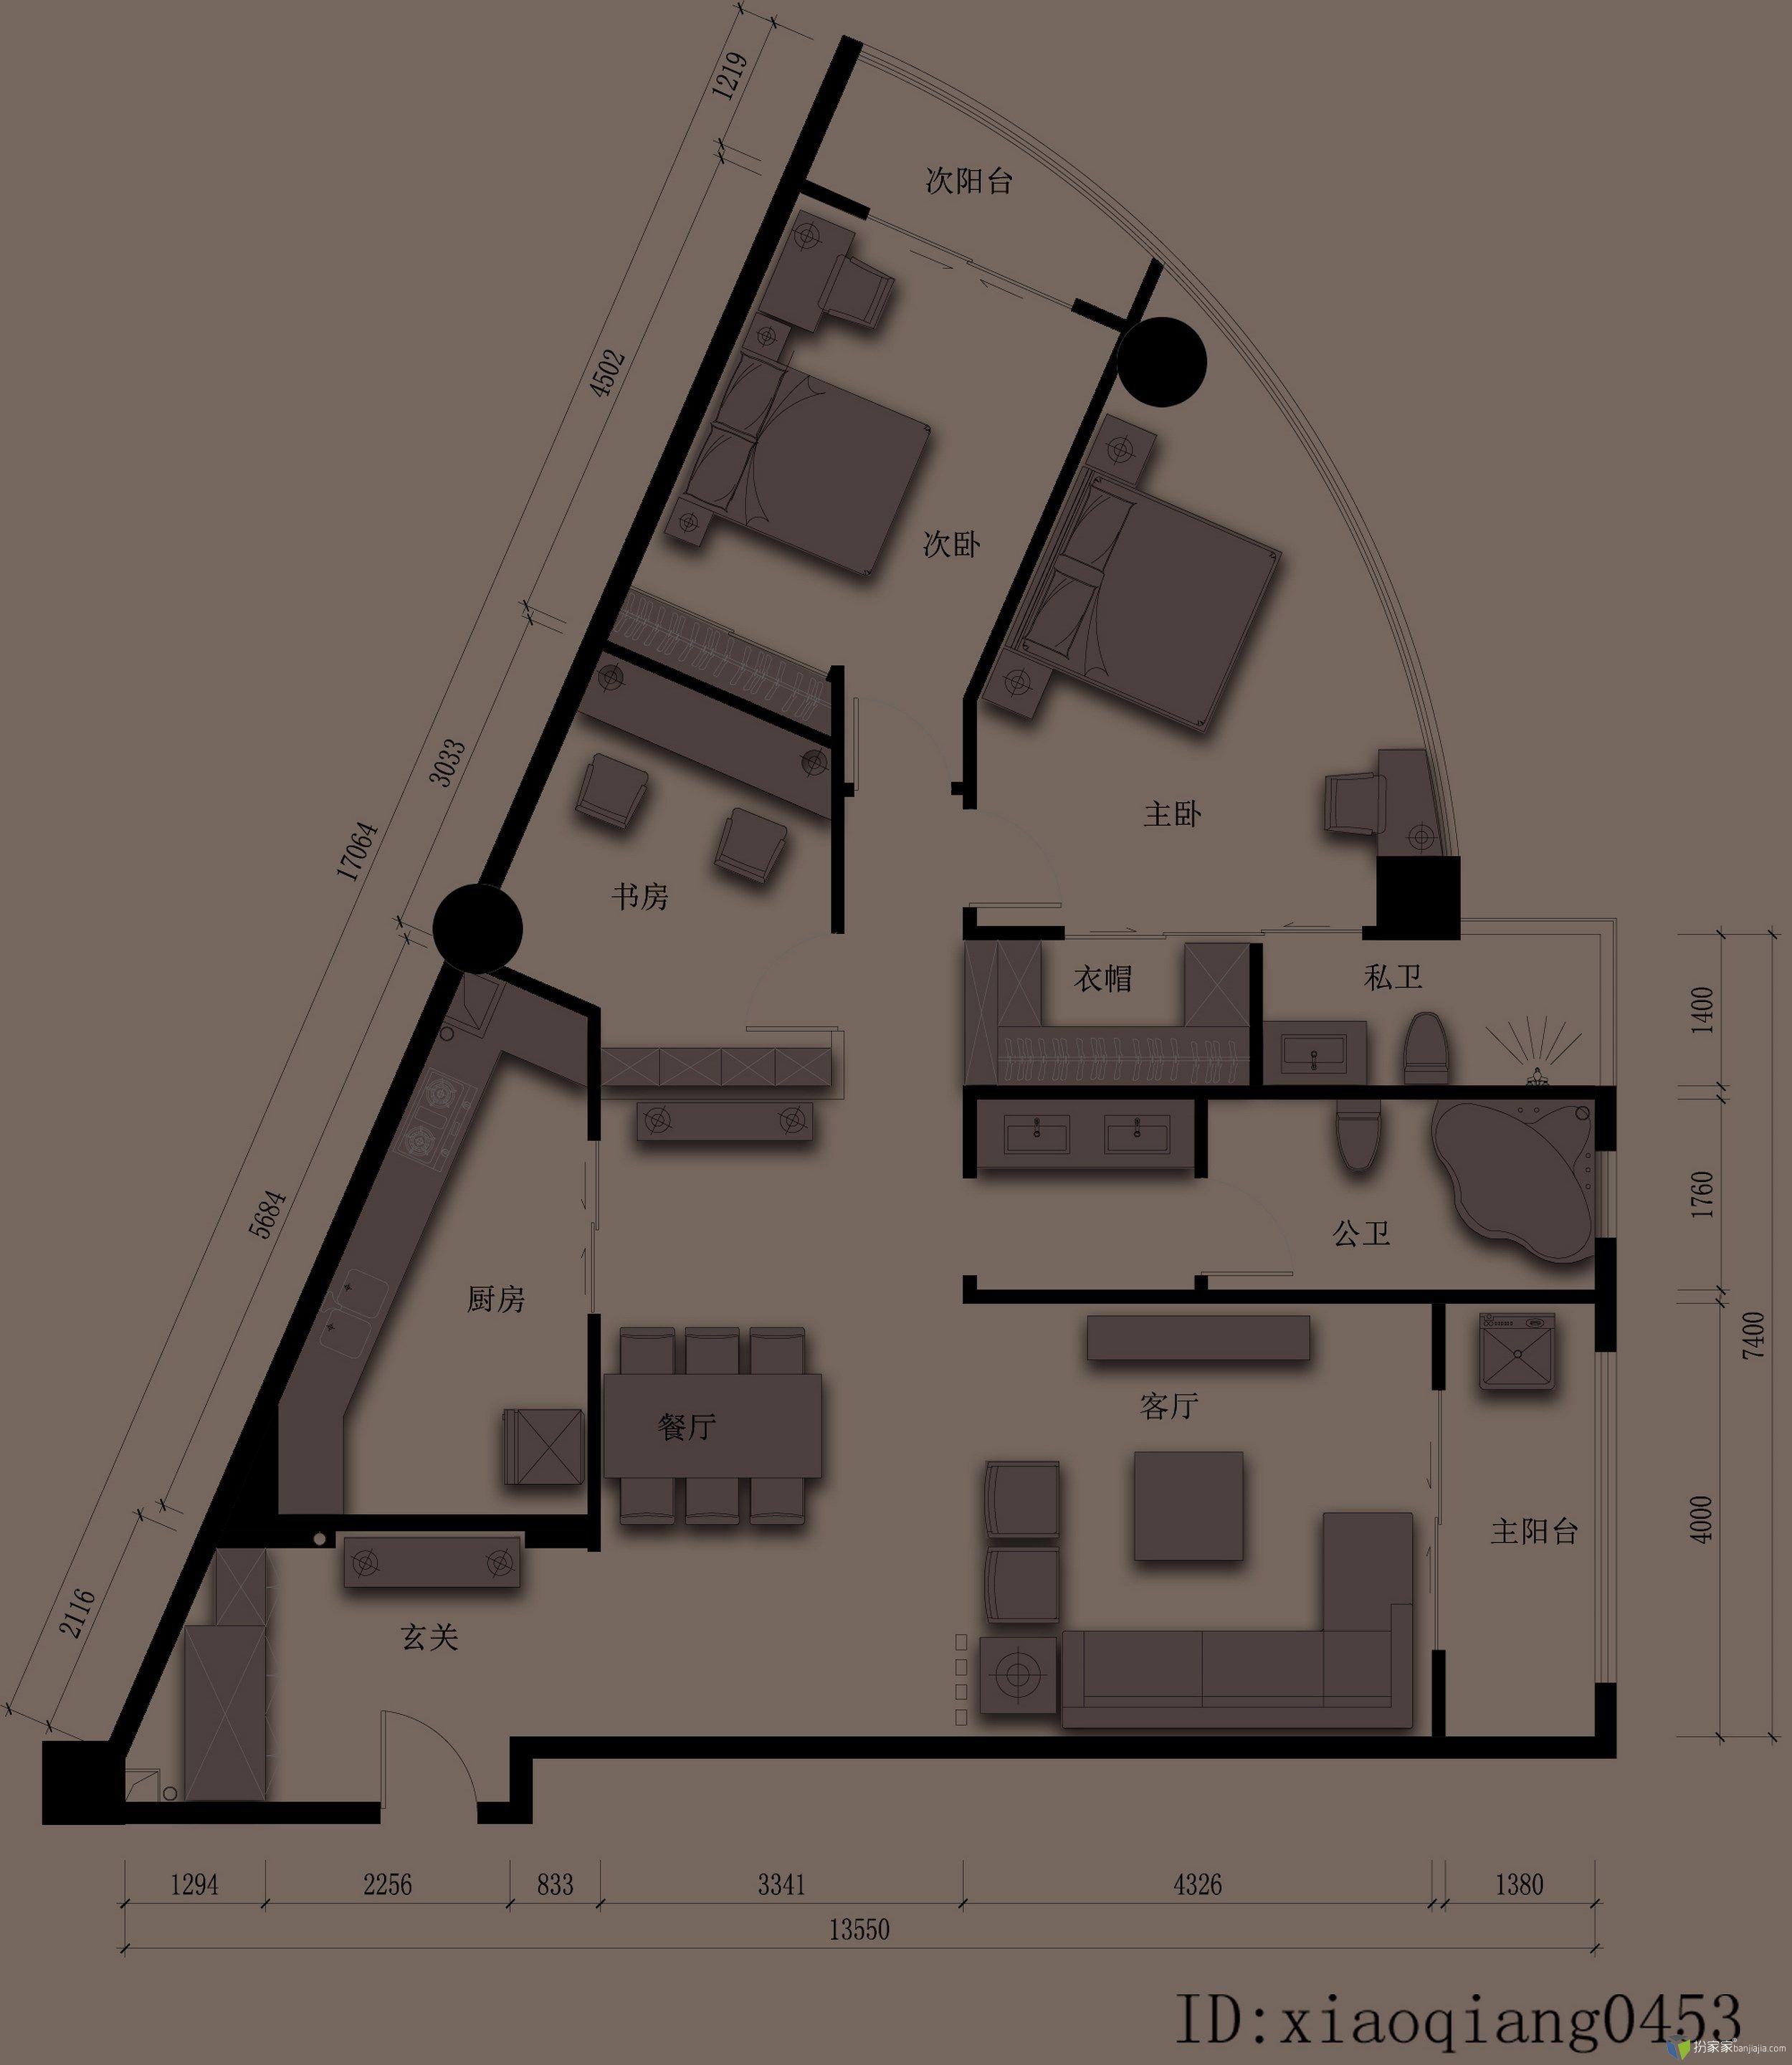 【投票】【第四期 住宅平面优化】 产品设计师住宅